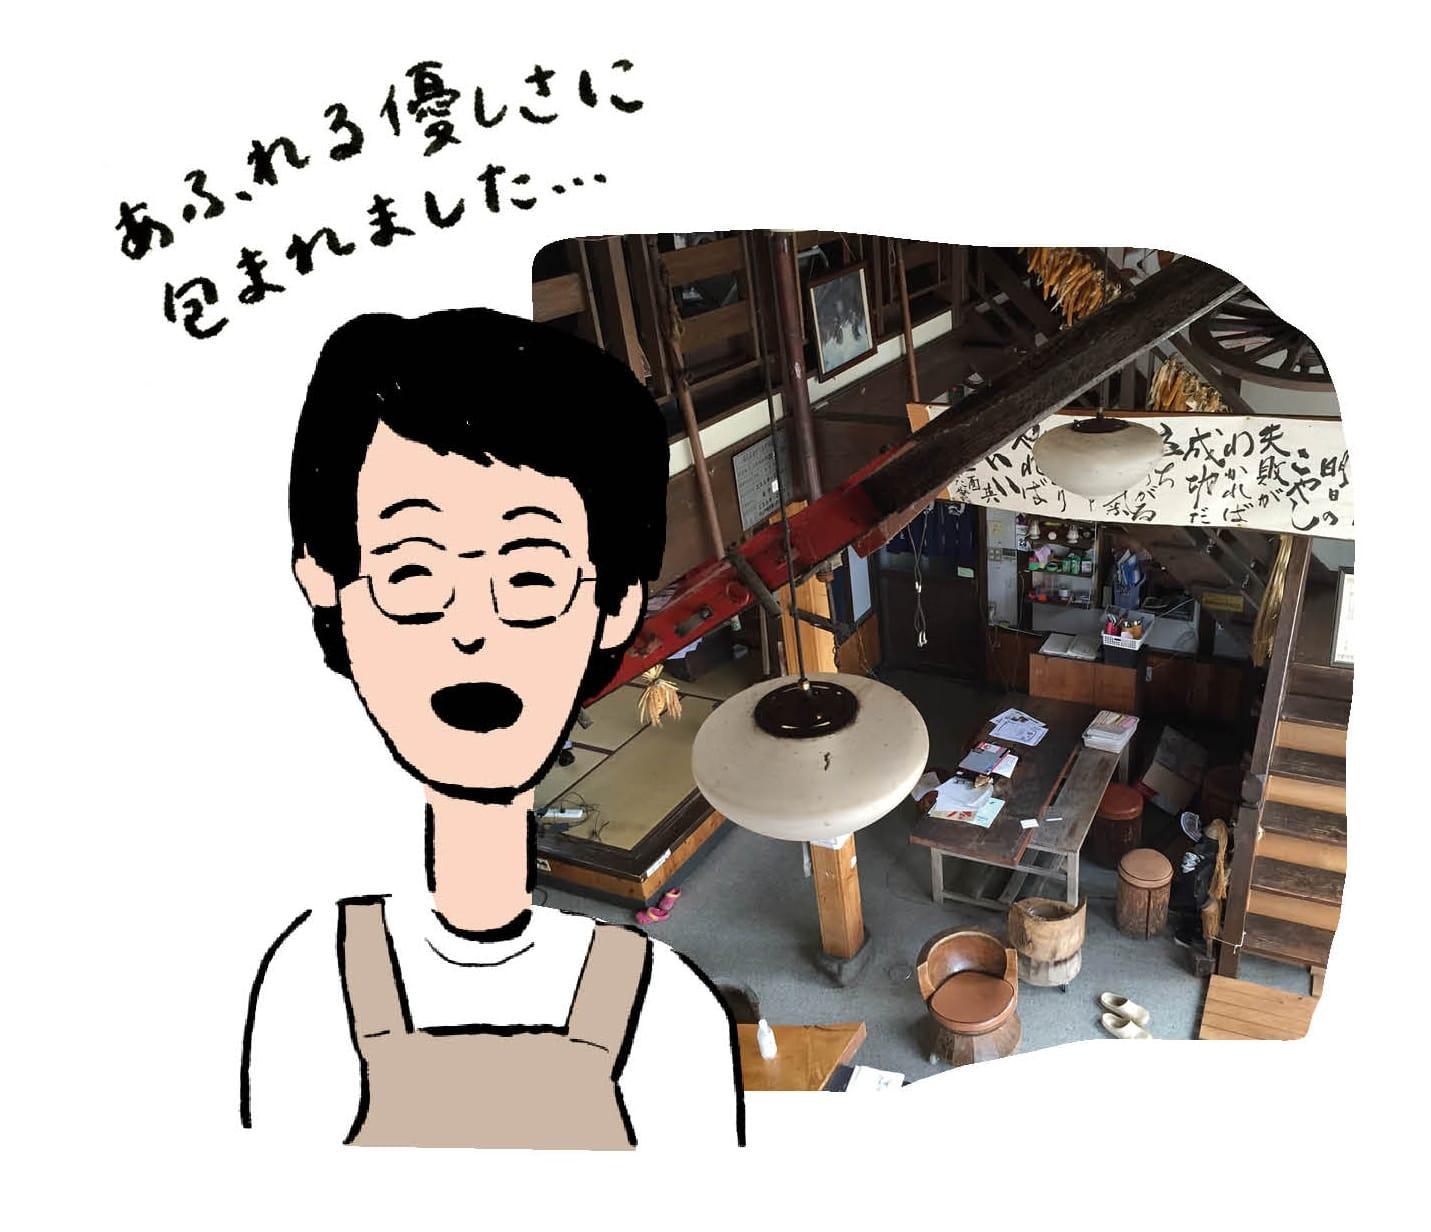 hinagata_yamagata_1-6-1